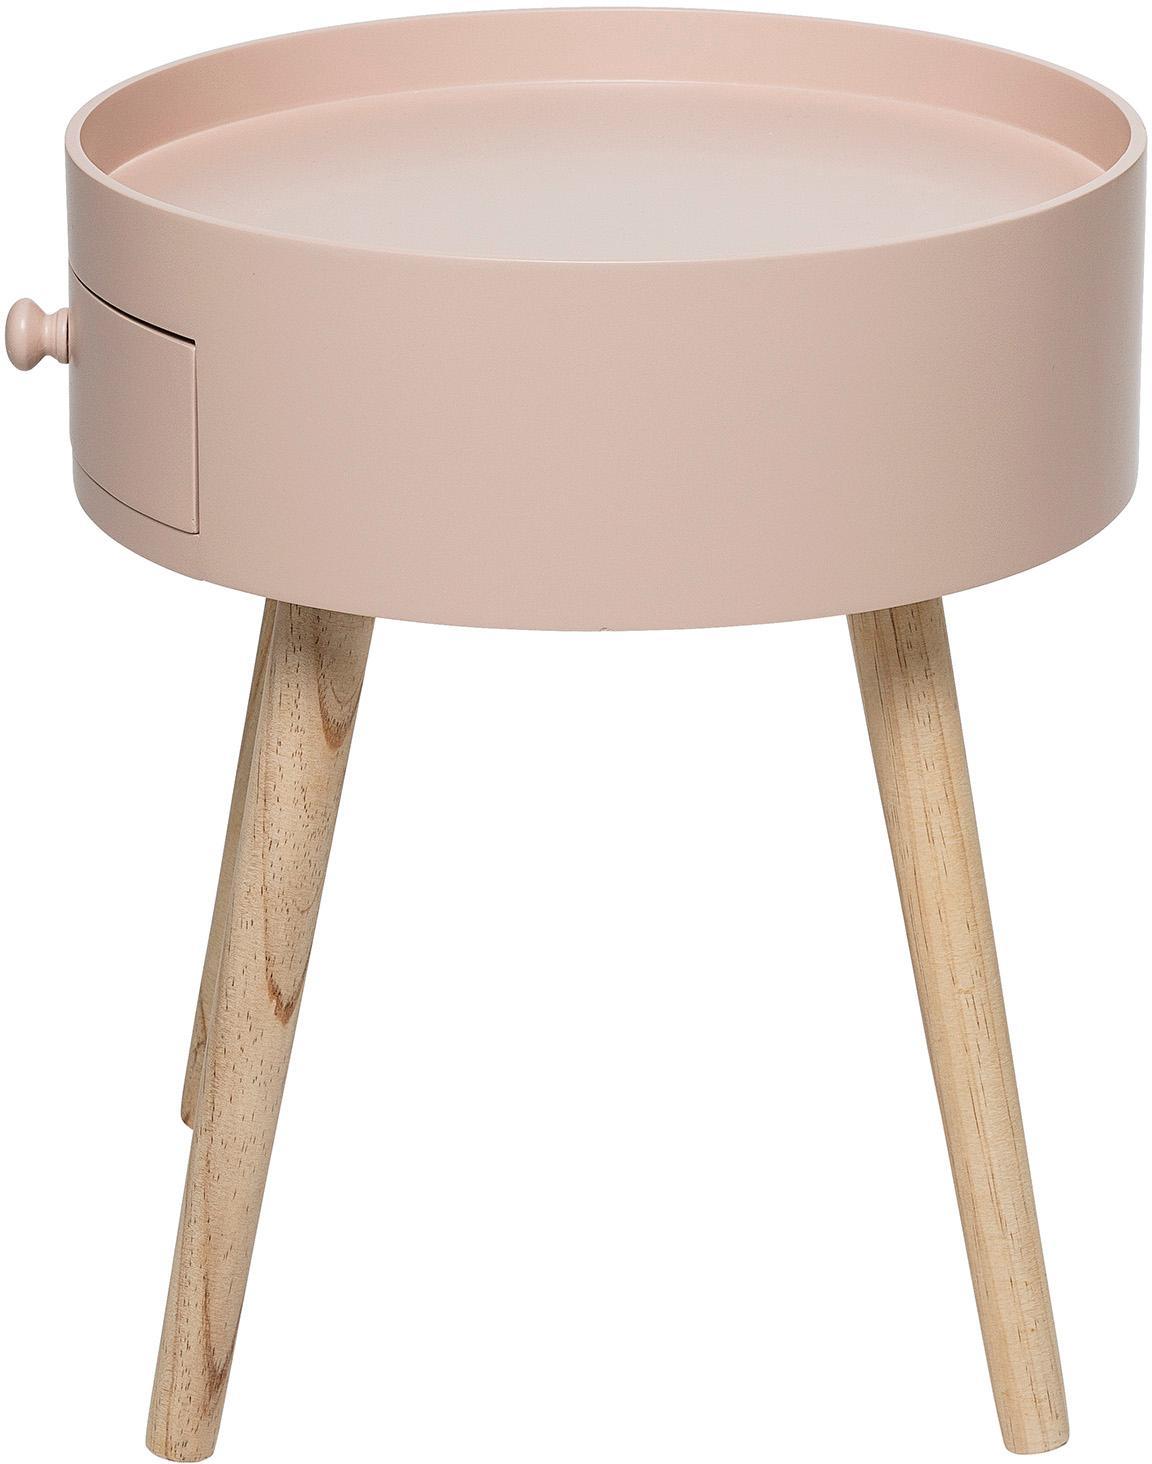 Beistelltisch First mit kleiner Schublade, Korpus: Mitteldichte Holzfaserpla, Beine: Eichenholz, naturbelassen, Altrosa, Ø 38 x H 45 cm